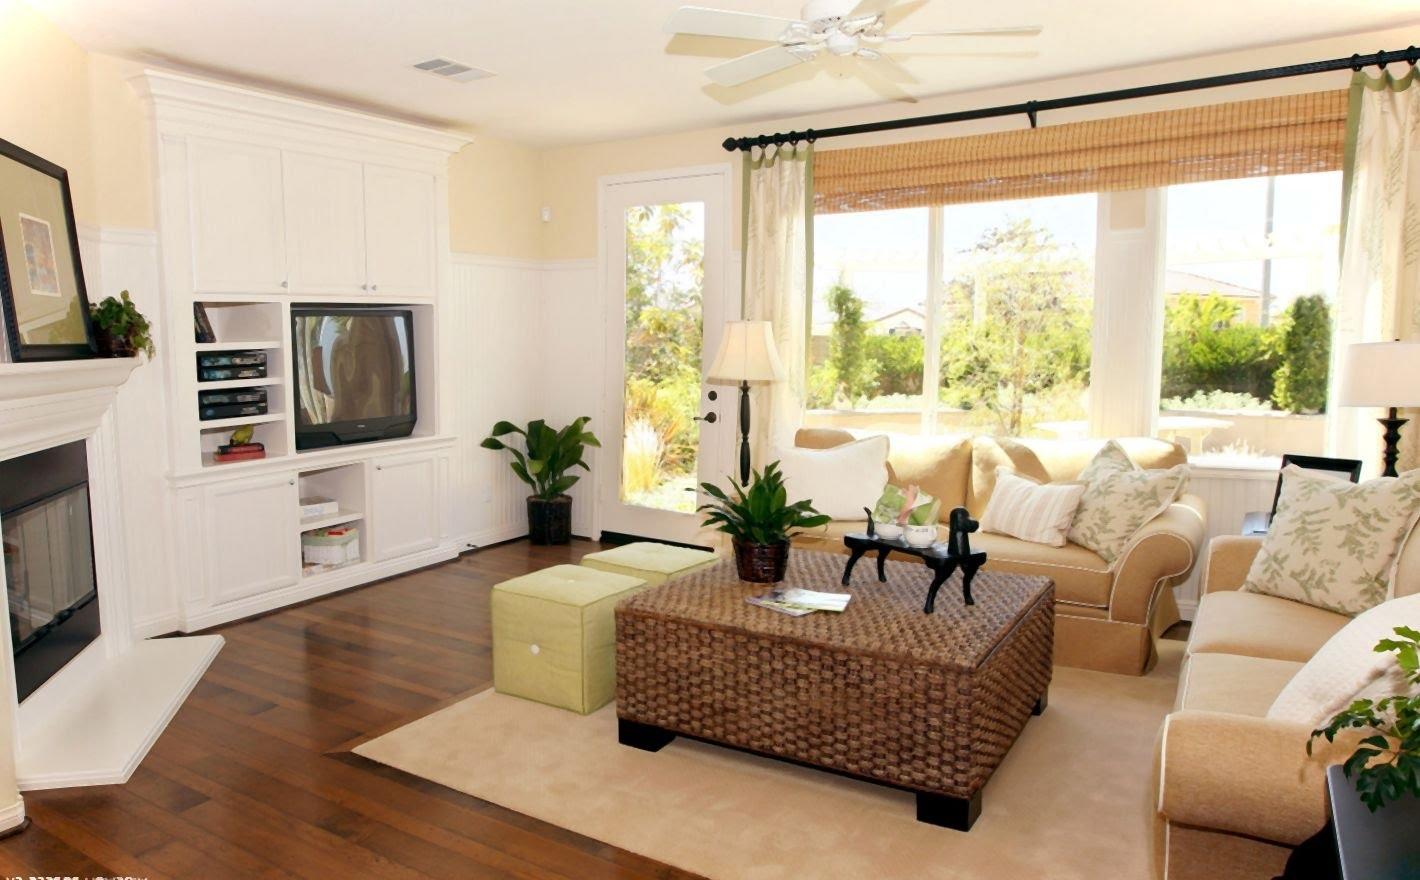 Sri Lanka Home Decor | Interior Design Sri Lanka | Inspired ...